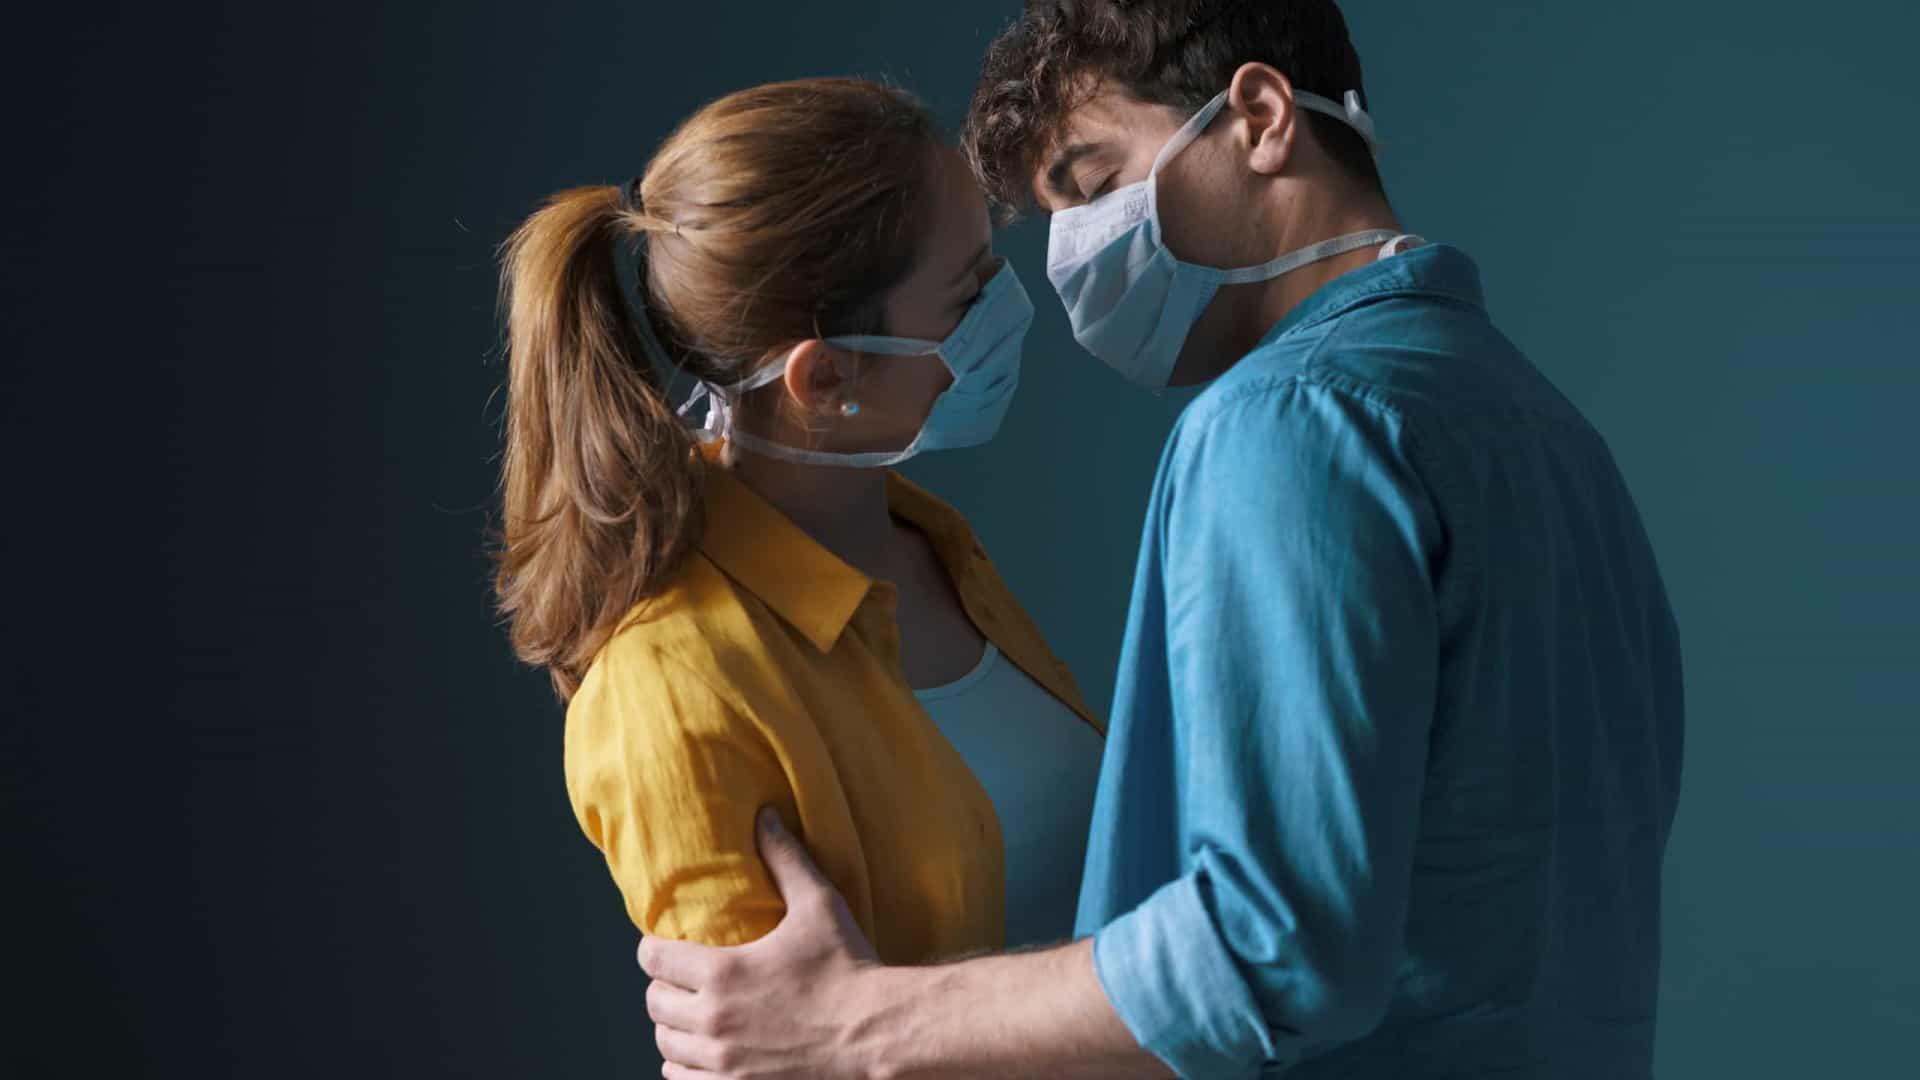 Casais devem usar máscaras durante o sexo, afirma estudo de Harvard - Imagem 1